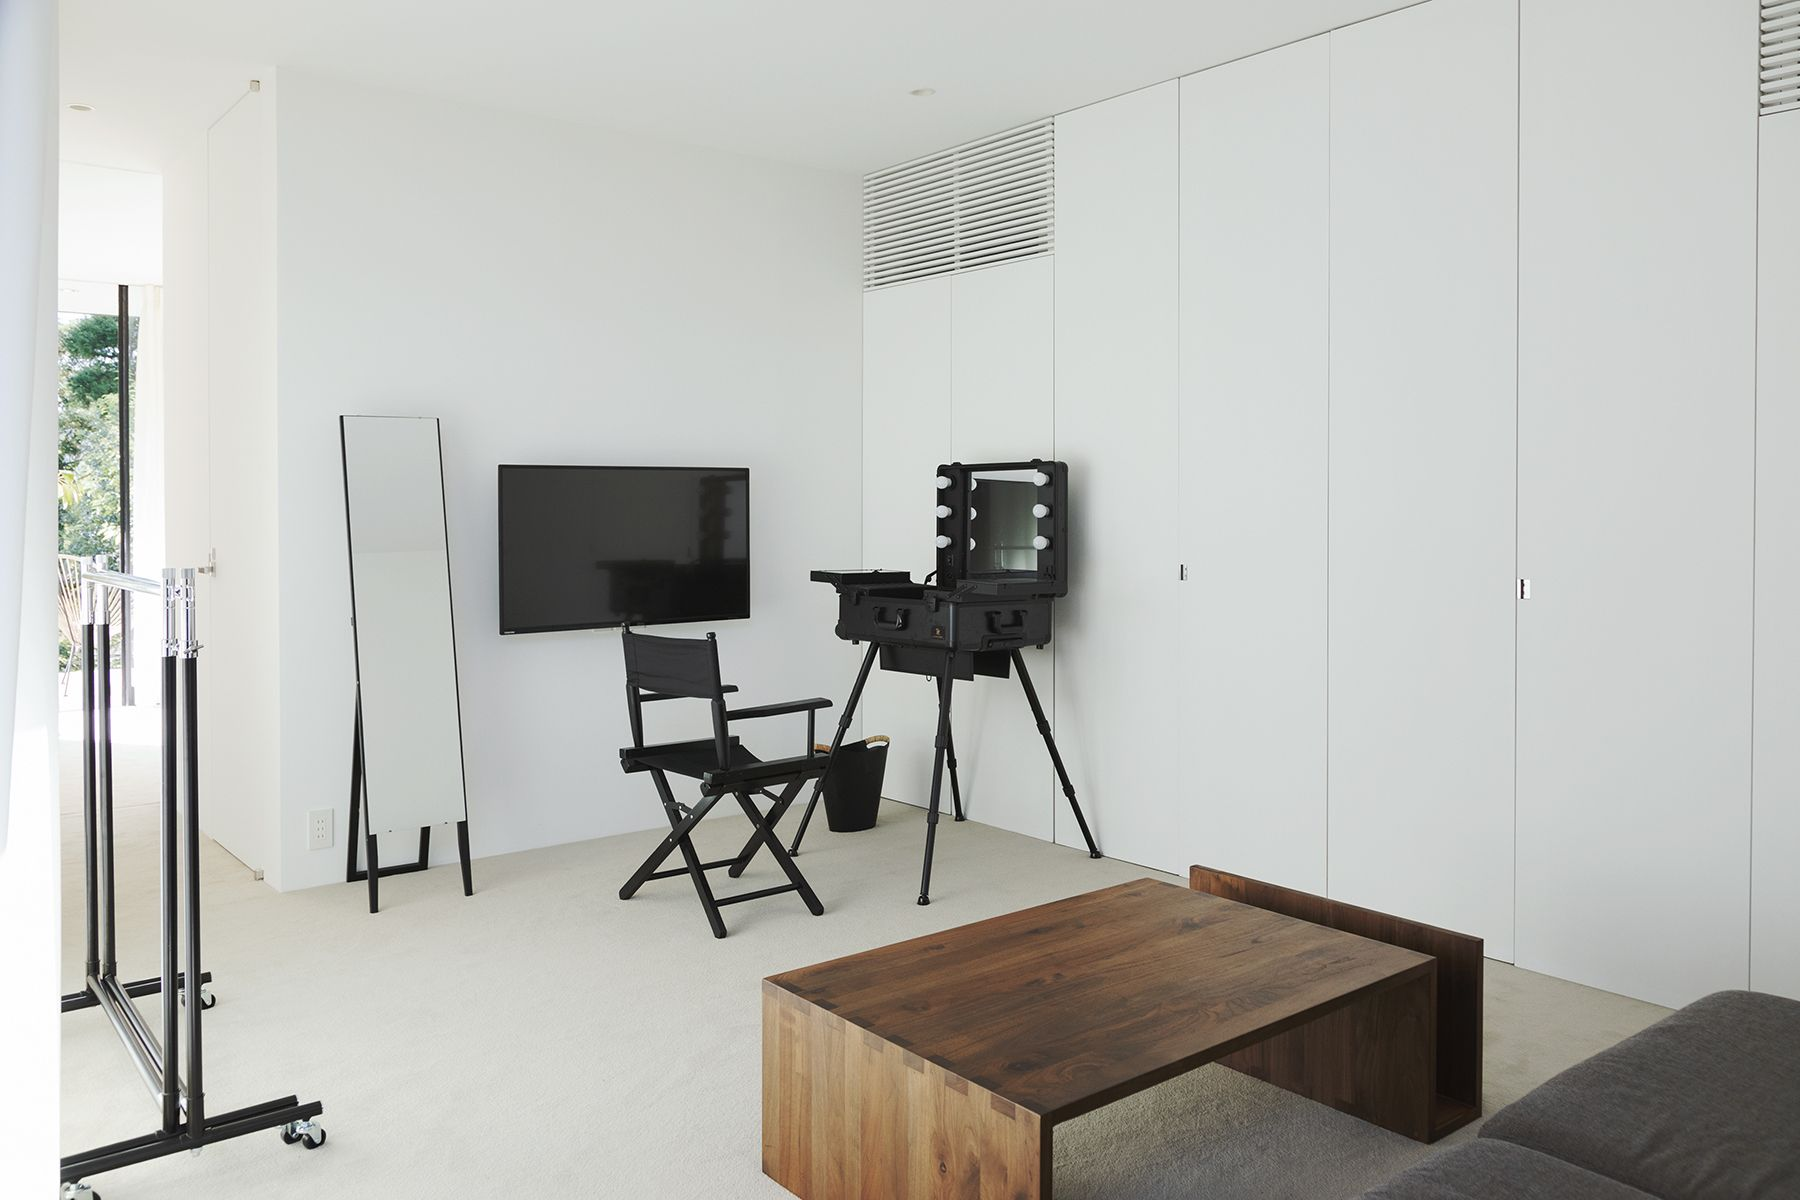 inTHE studio/riverside (インザスタジオ/リバーサイド)